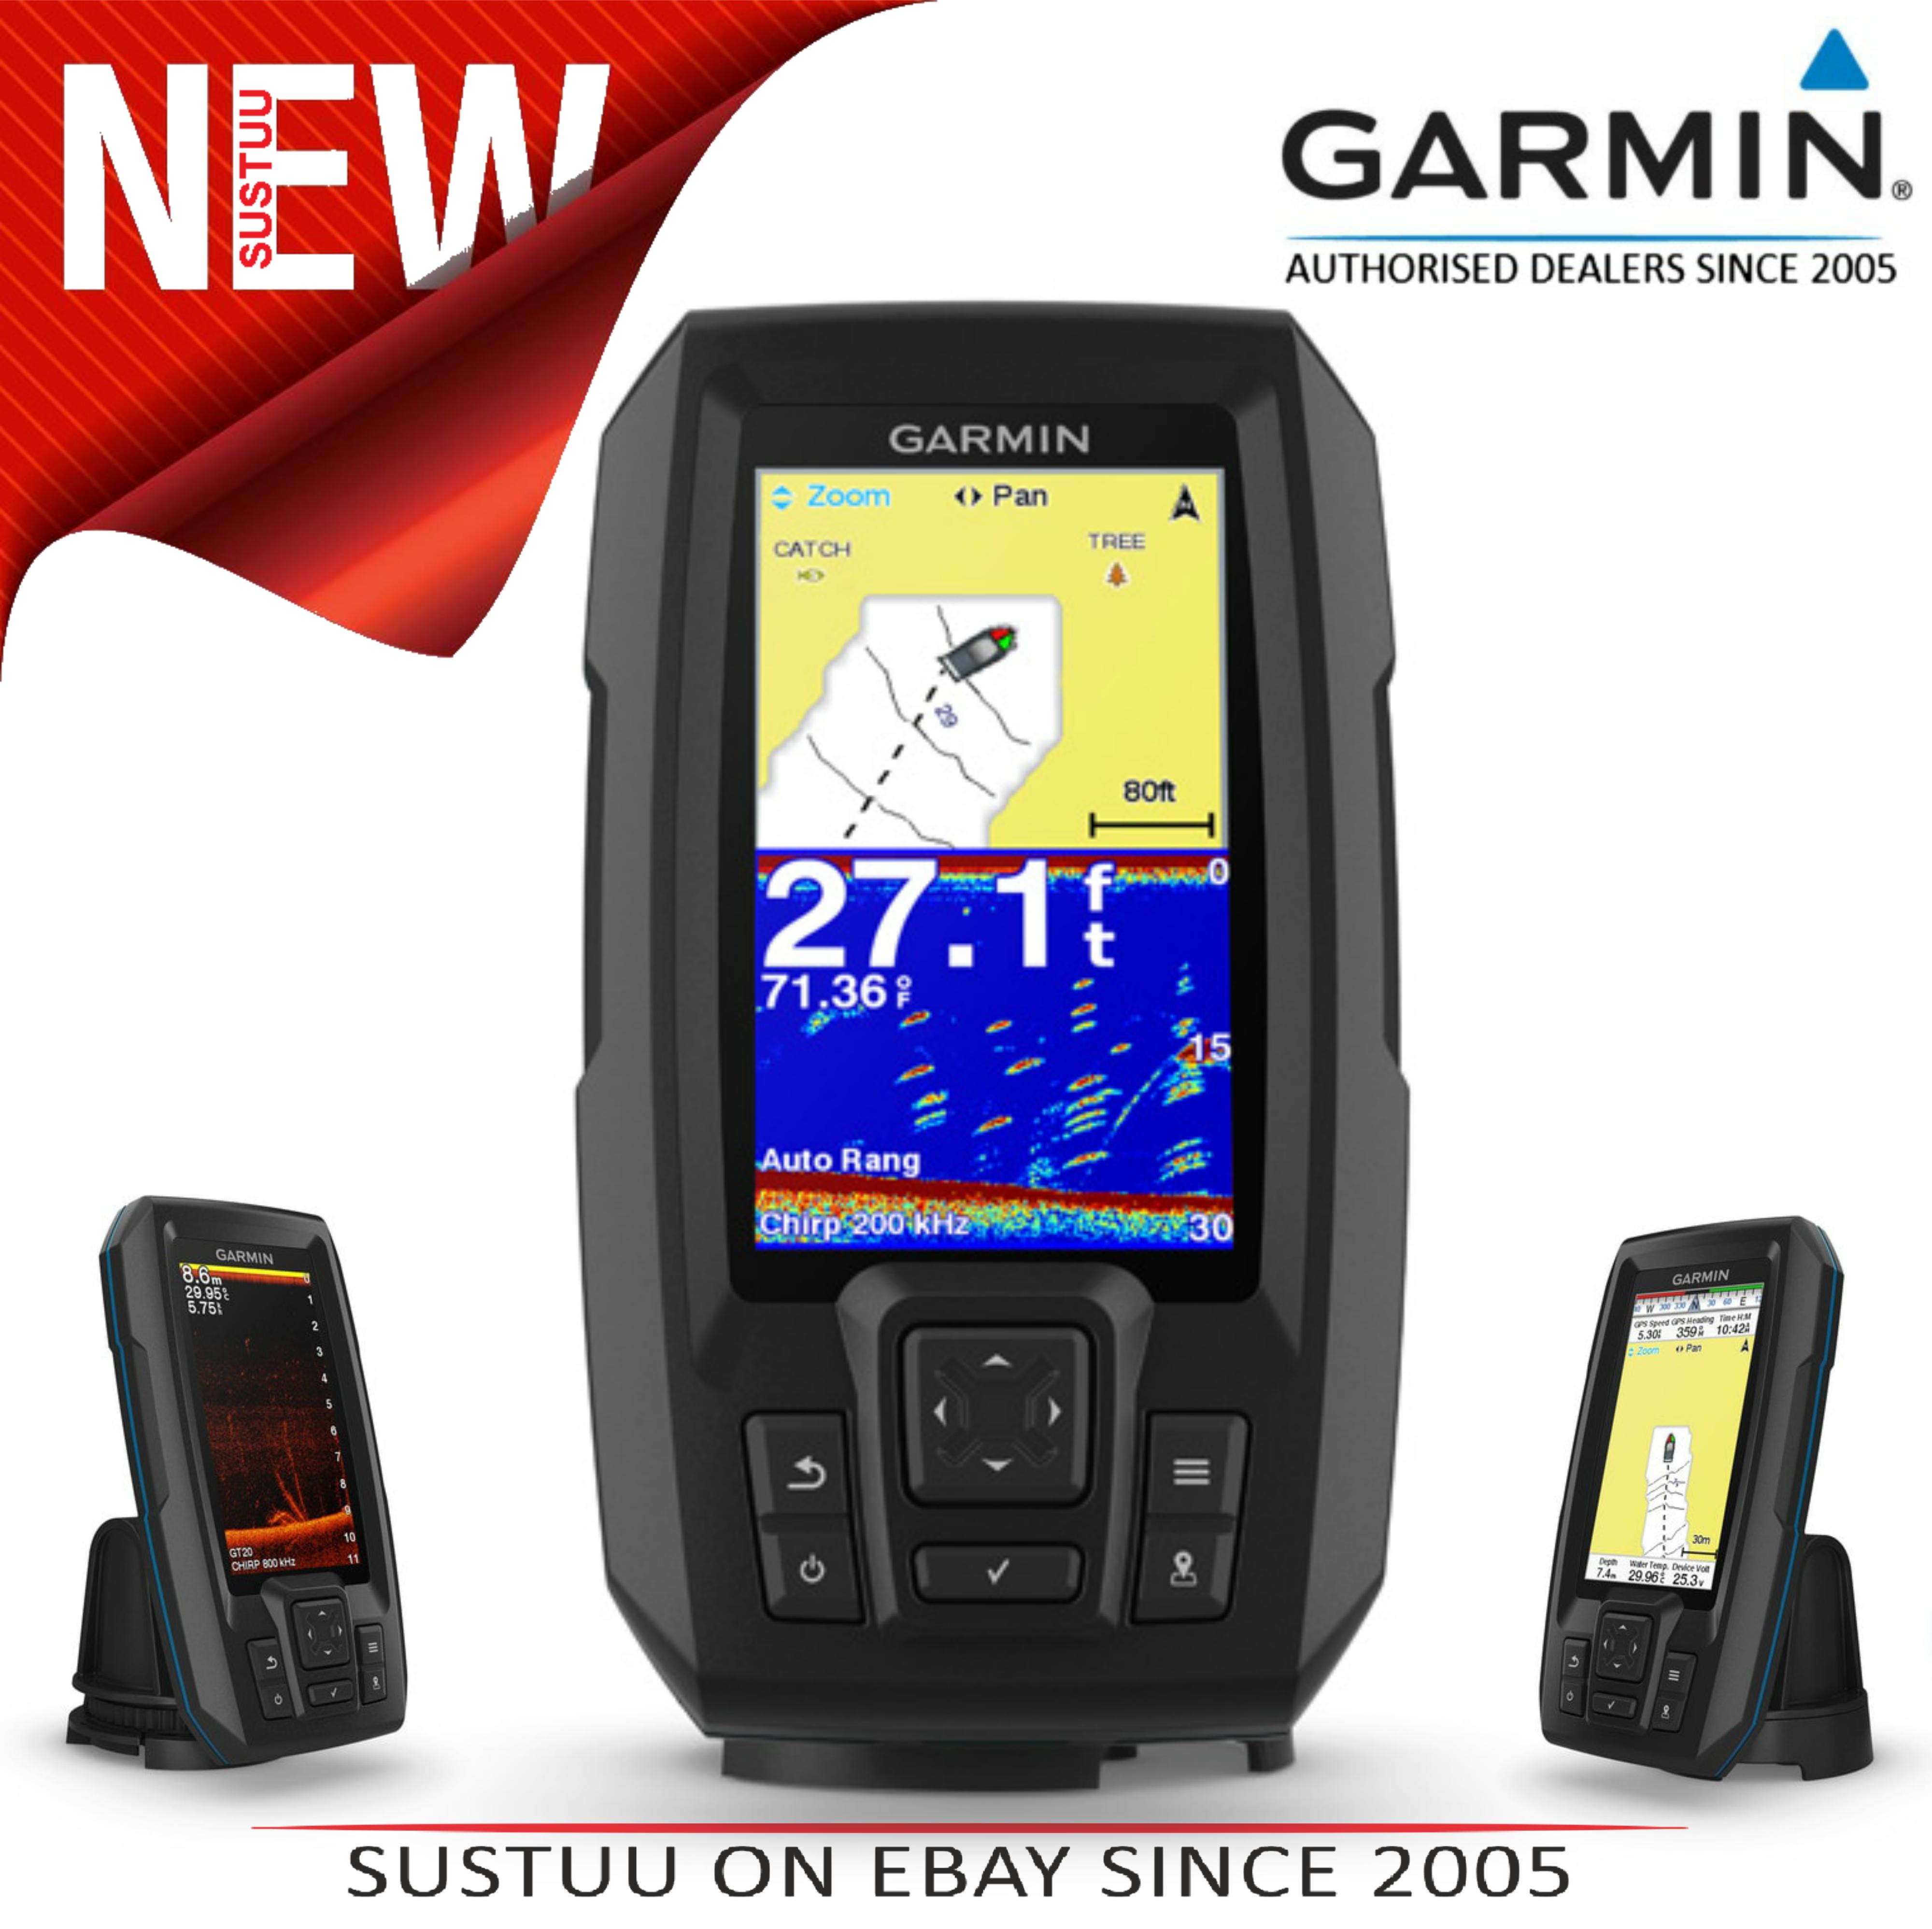 Garmin Striker 4dv Owners Manual Wiring Diagram And Schematics 300c Fishfinder Plus 4579 International